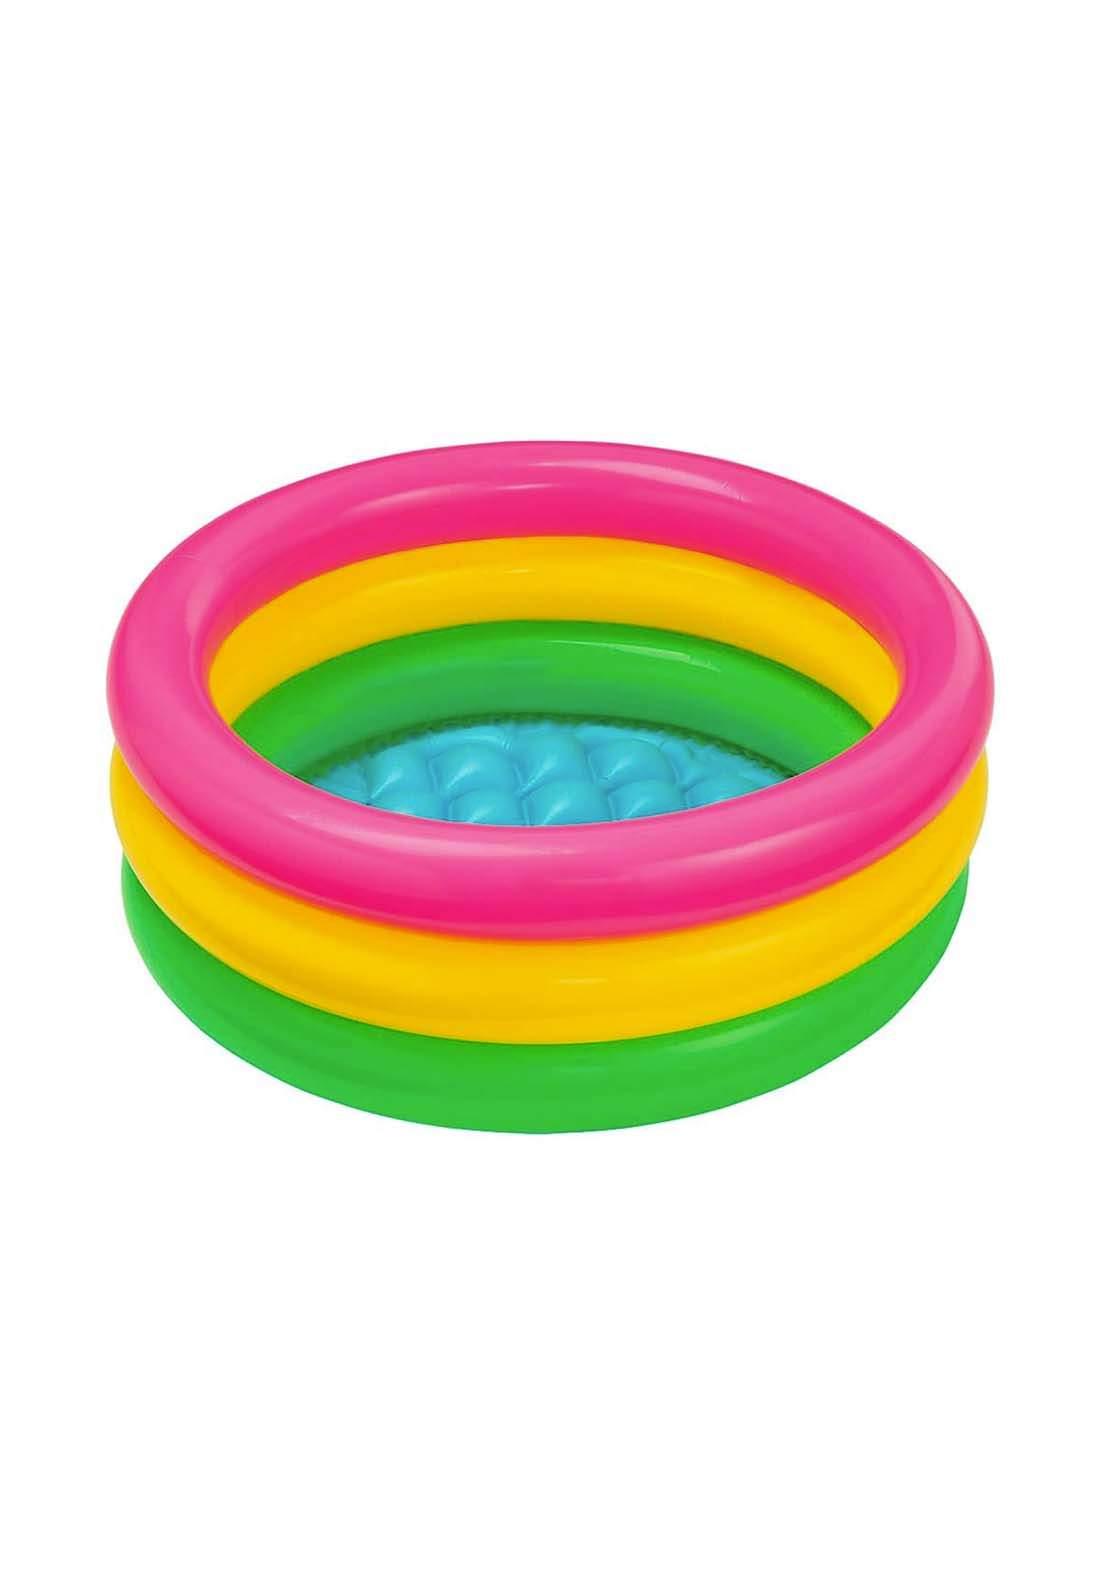 Intex 57107NP 3 rings Inflatable pool مسبح